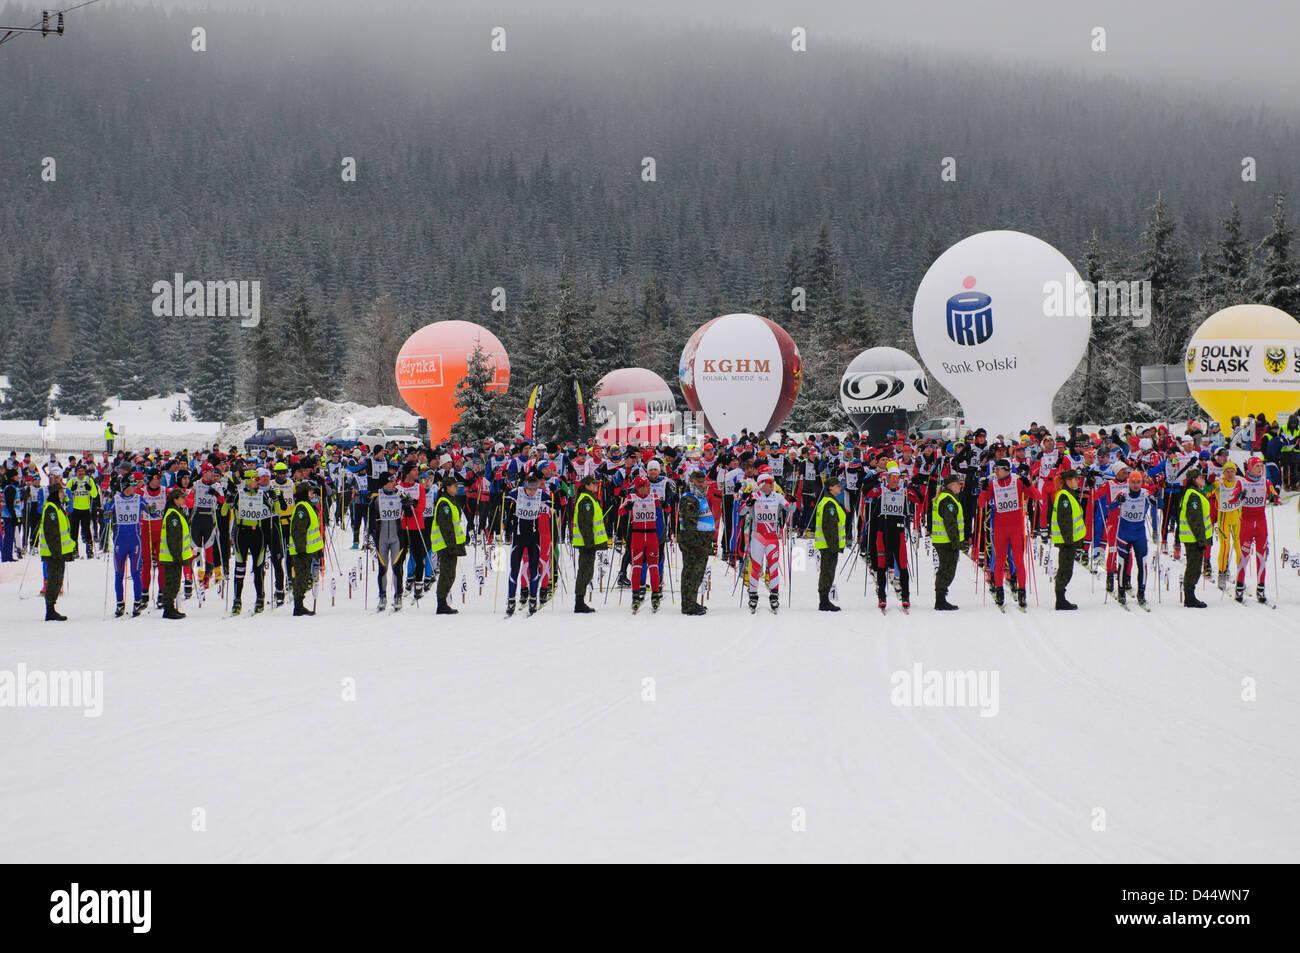 Les participants de la free-style vous attendent pour le début de l'Bieg Piastow cross-country, Jakuszyce, Pologne. Banque D'Images